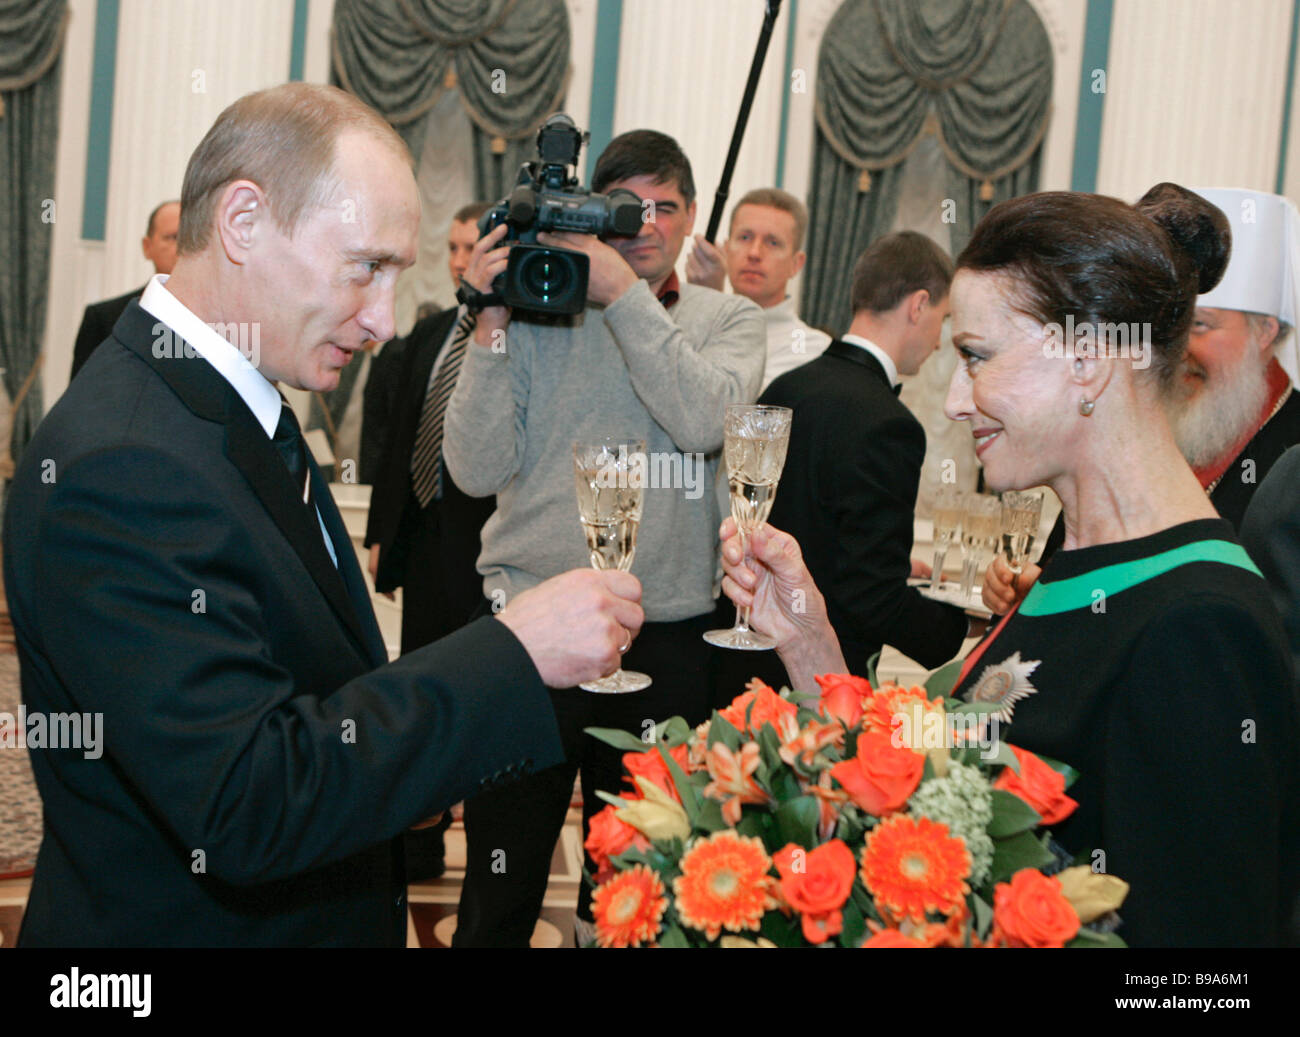 Maya Plisetskaya Awards 16